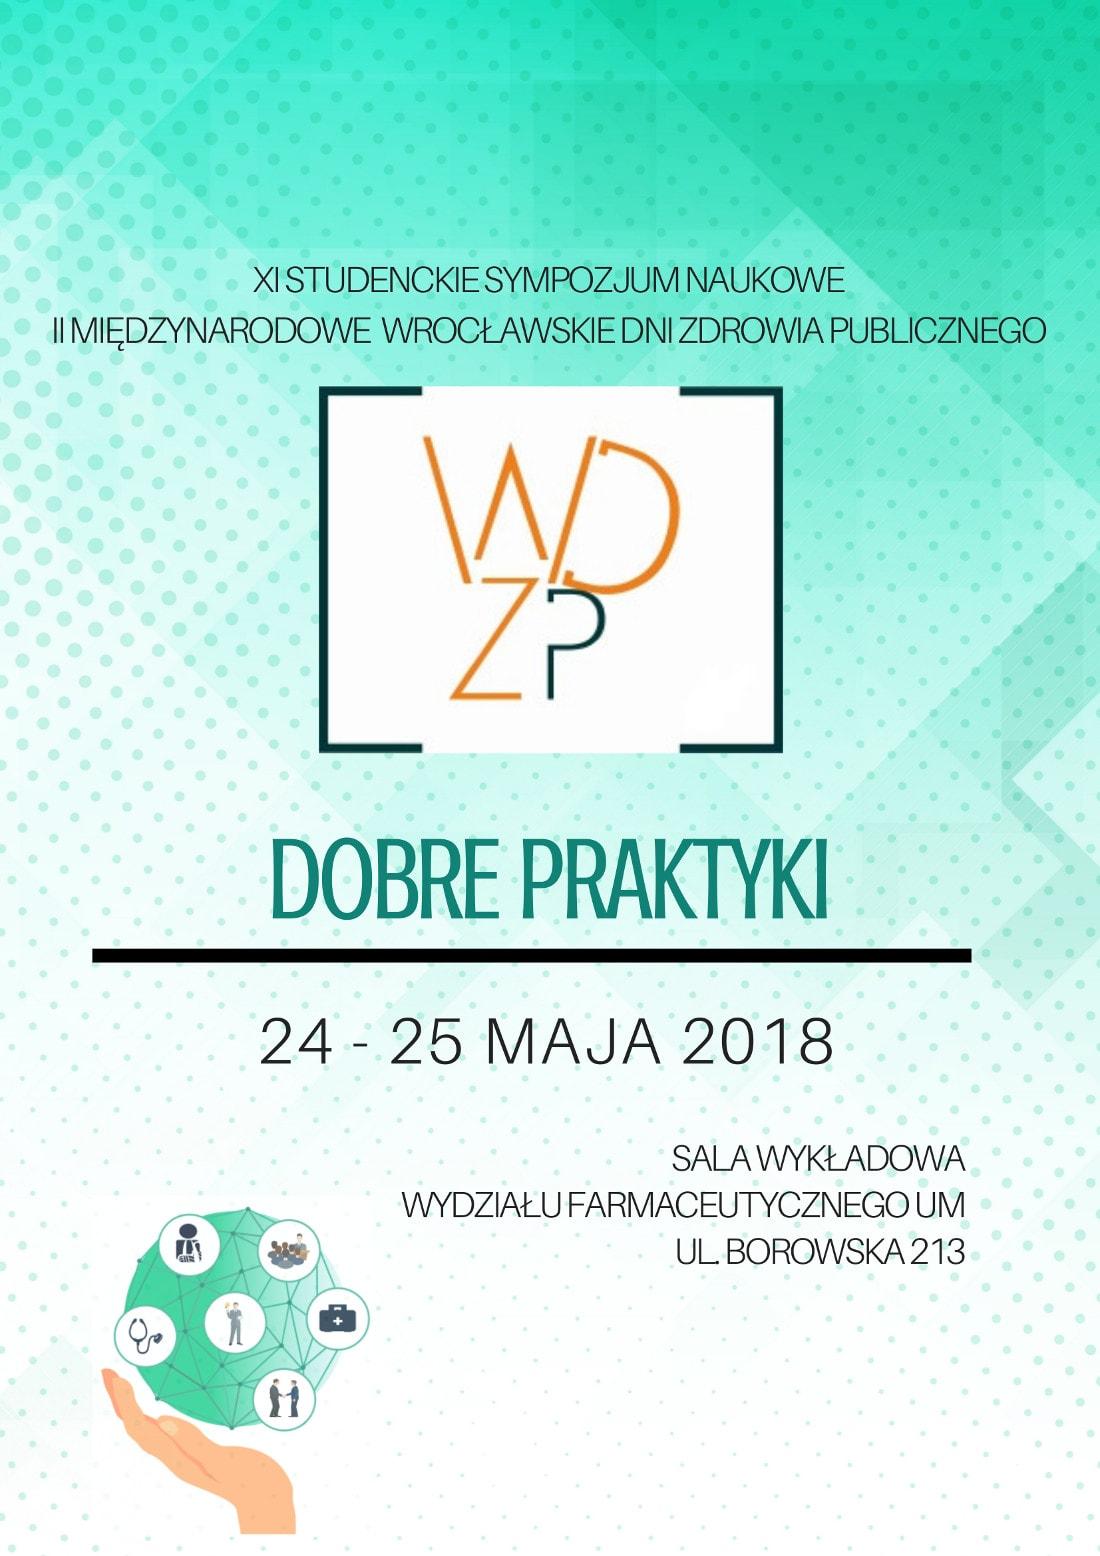 Sympozjum odbędzie się 24-25 maja.